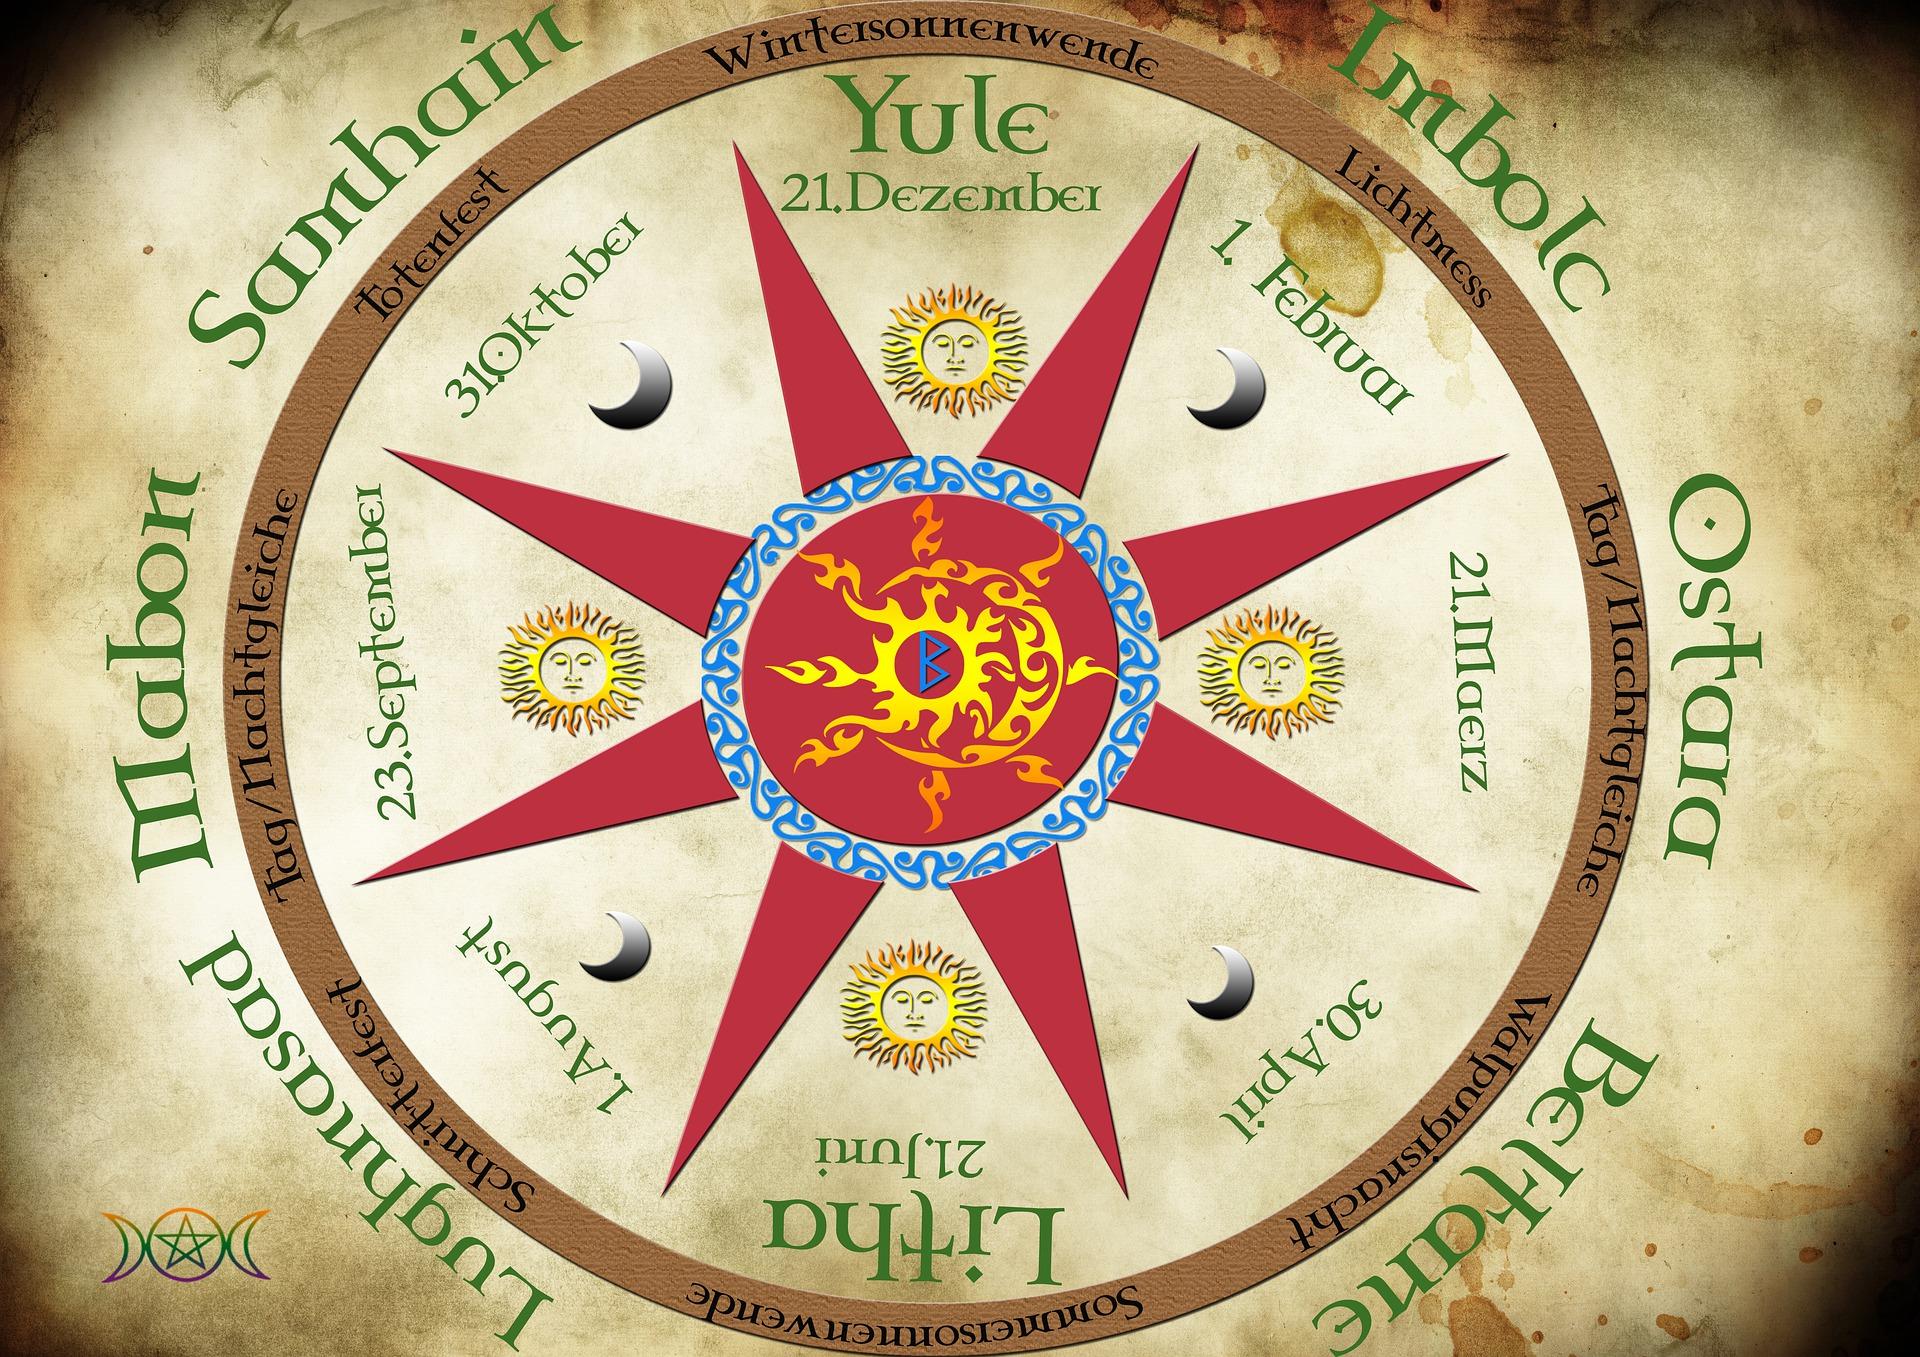 Die Jahreskreisfeste - Eine ursprüngliche Einladung für dich mit der Natur in Verbindung zu gehen.